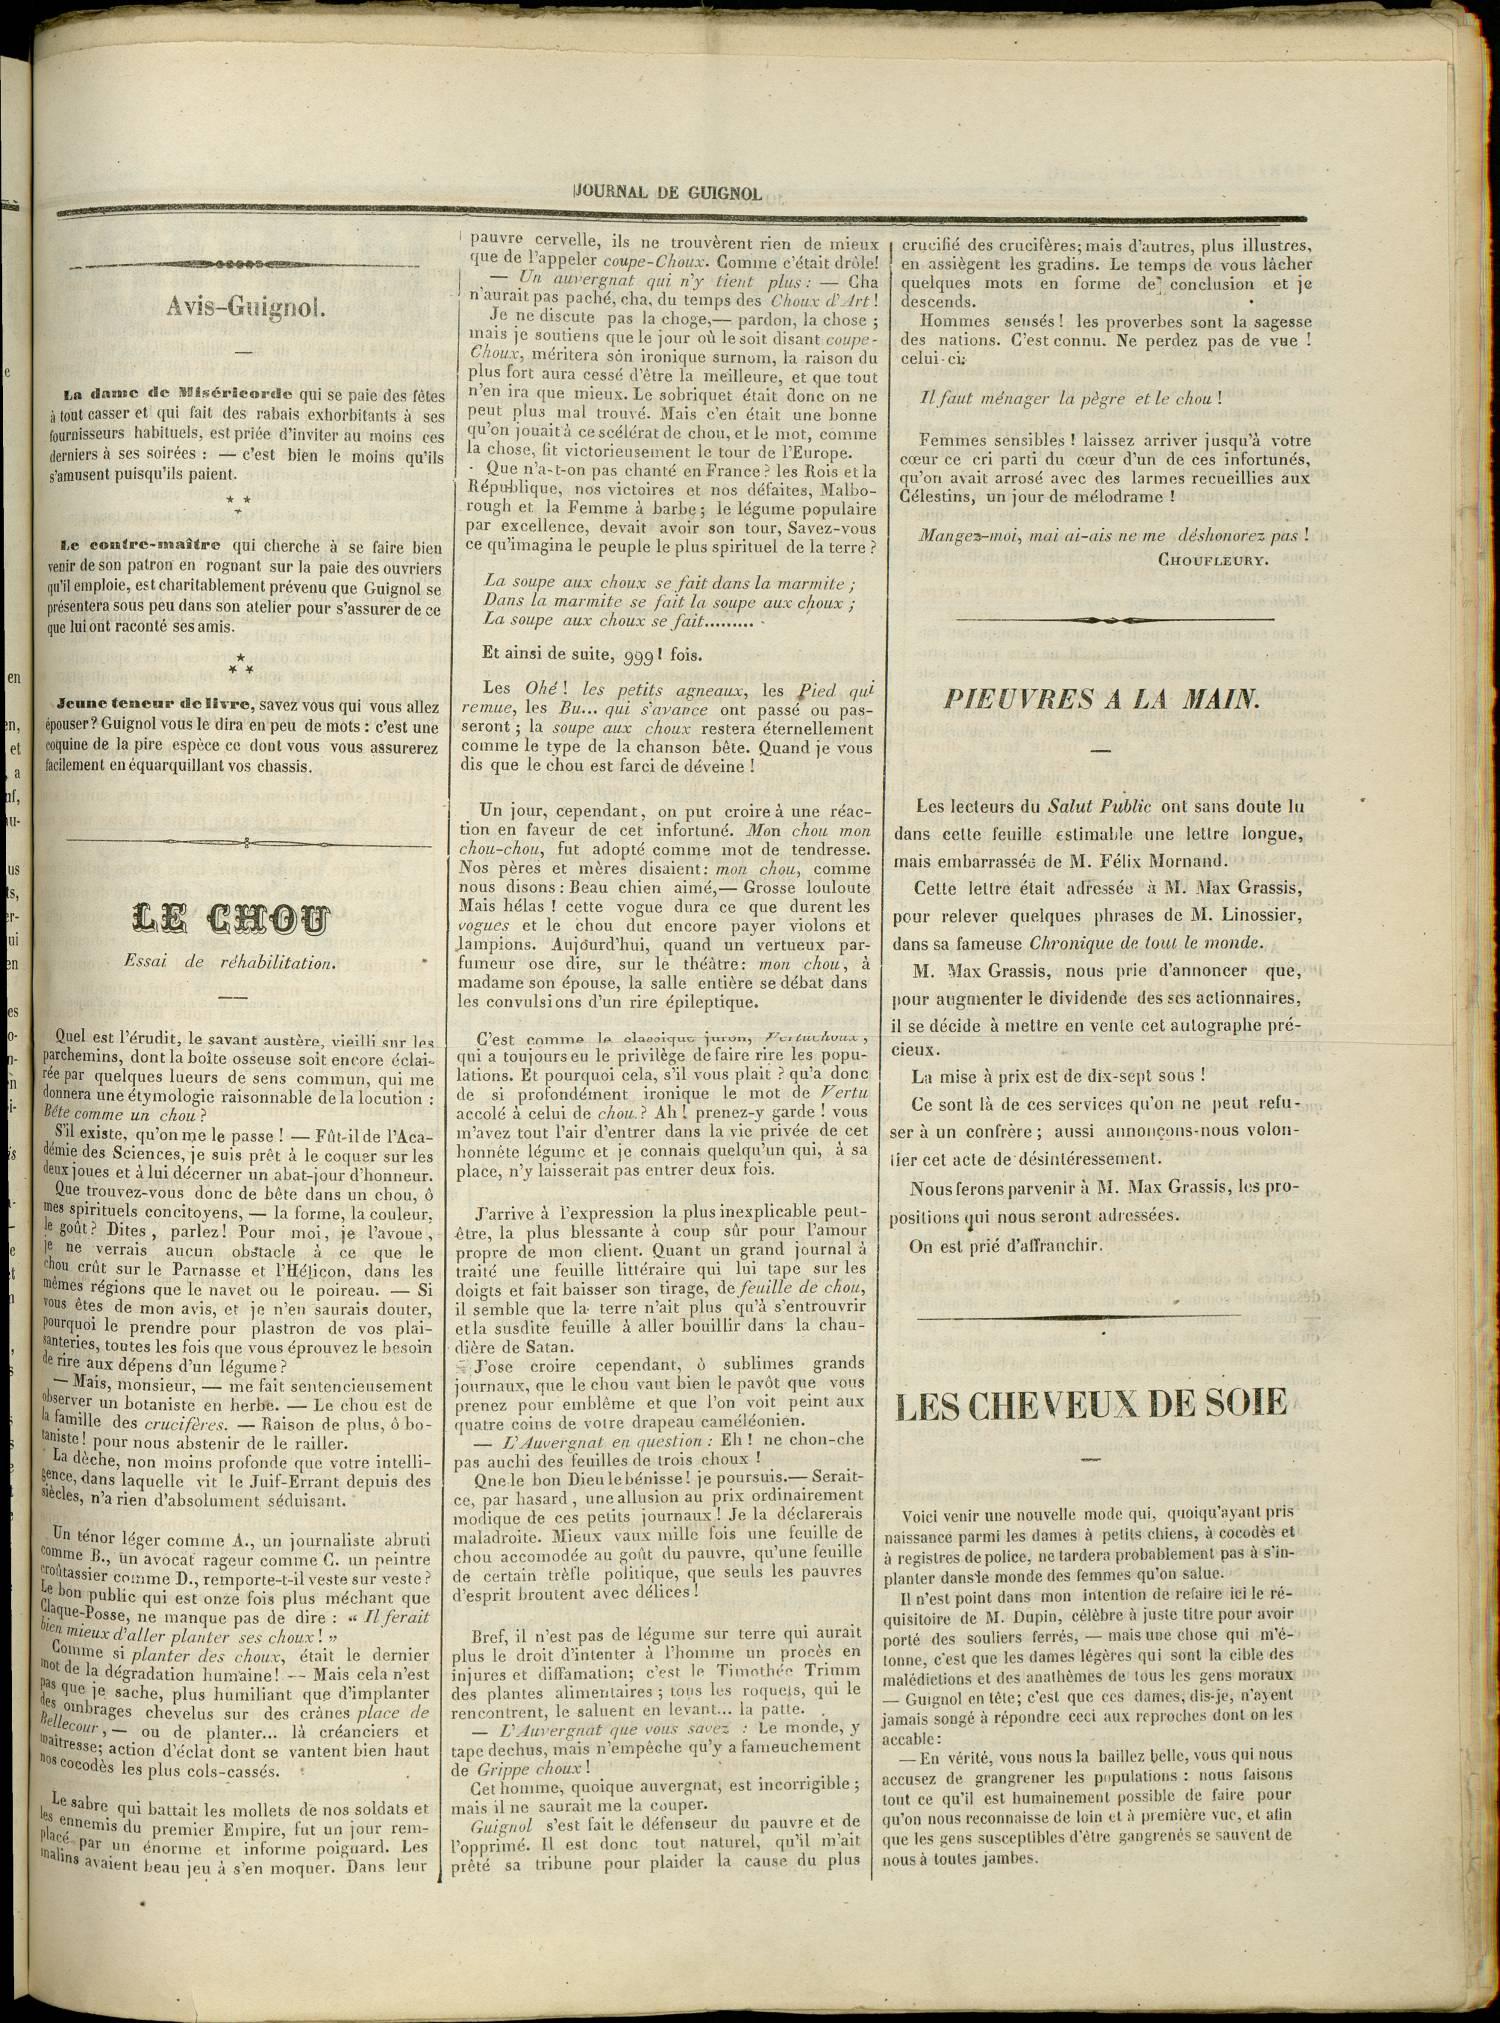 Contenu textuel de l'image : LES CHEVEUX DE SOIE